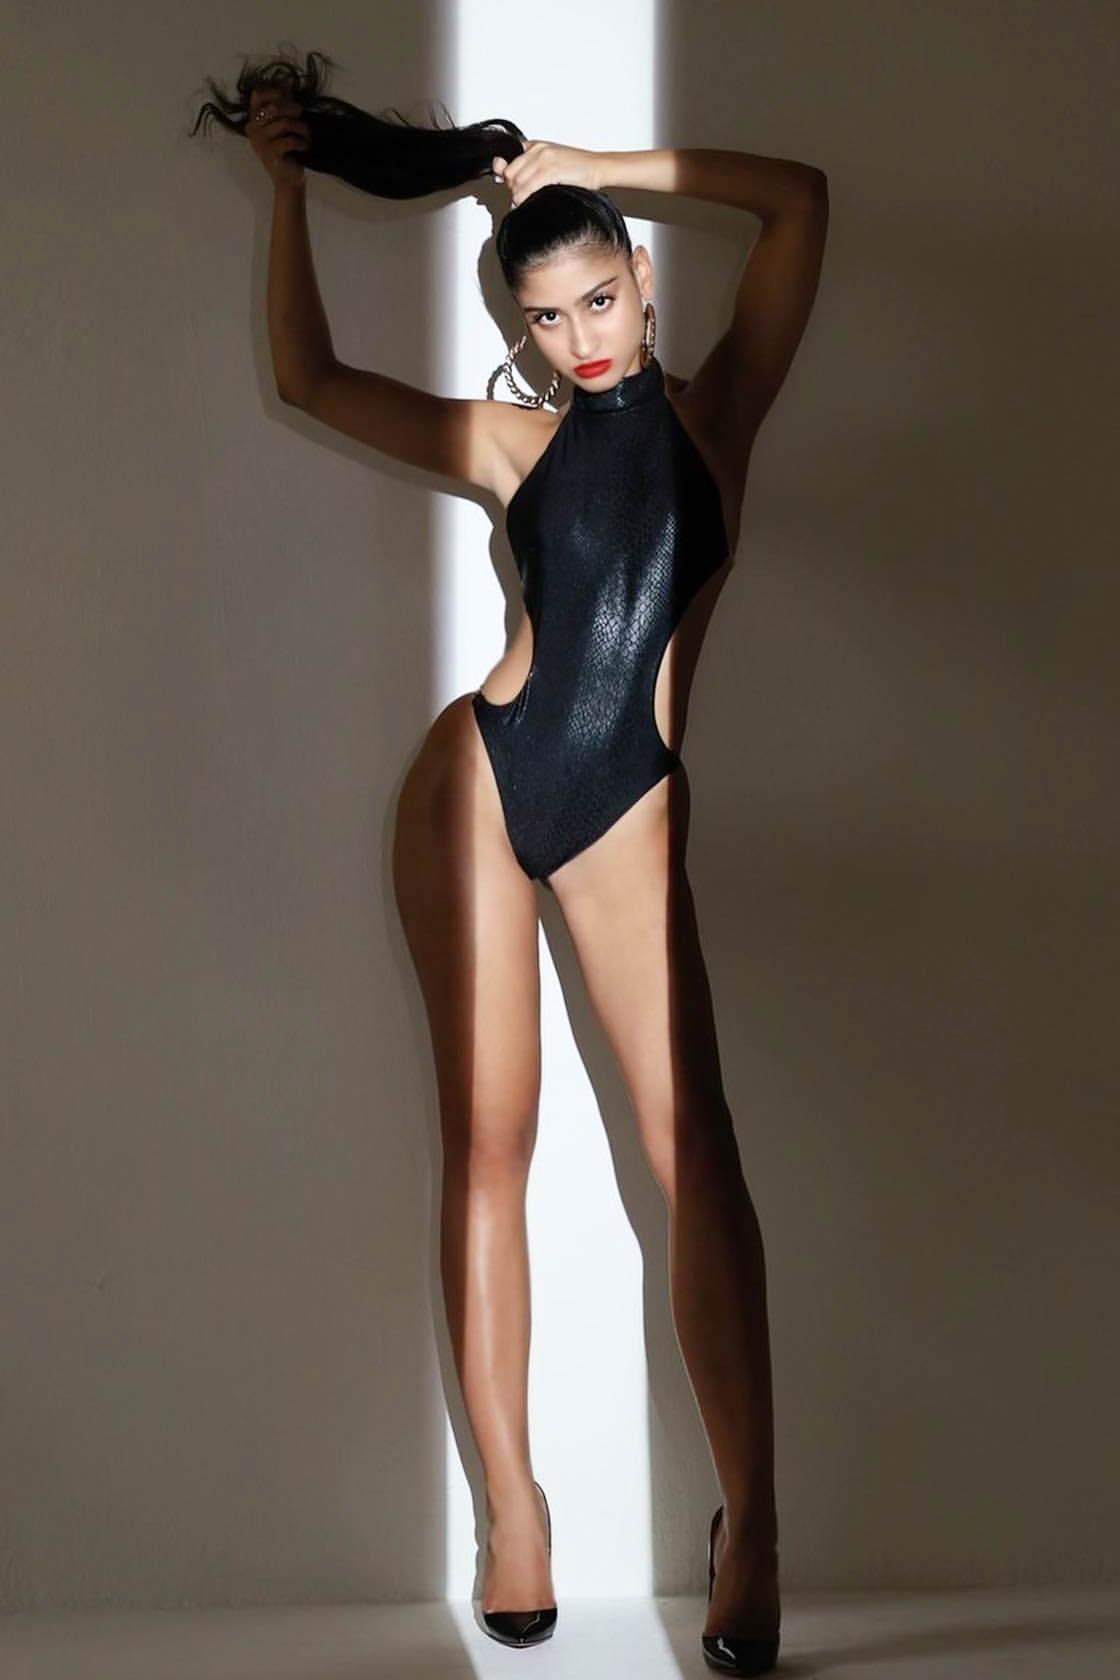 外国人モデル/外国人タレント・文化人 クリスティーン・Kの写真6